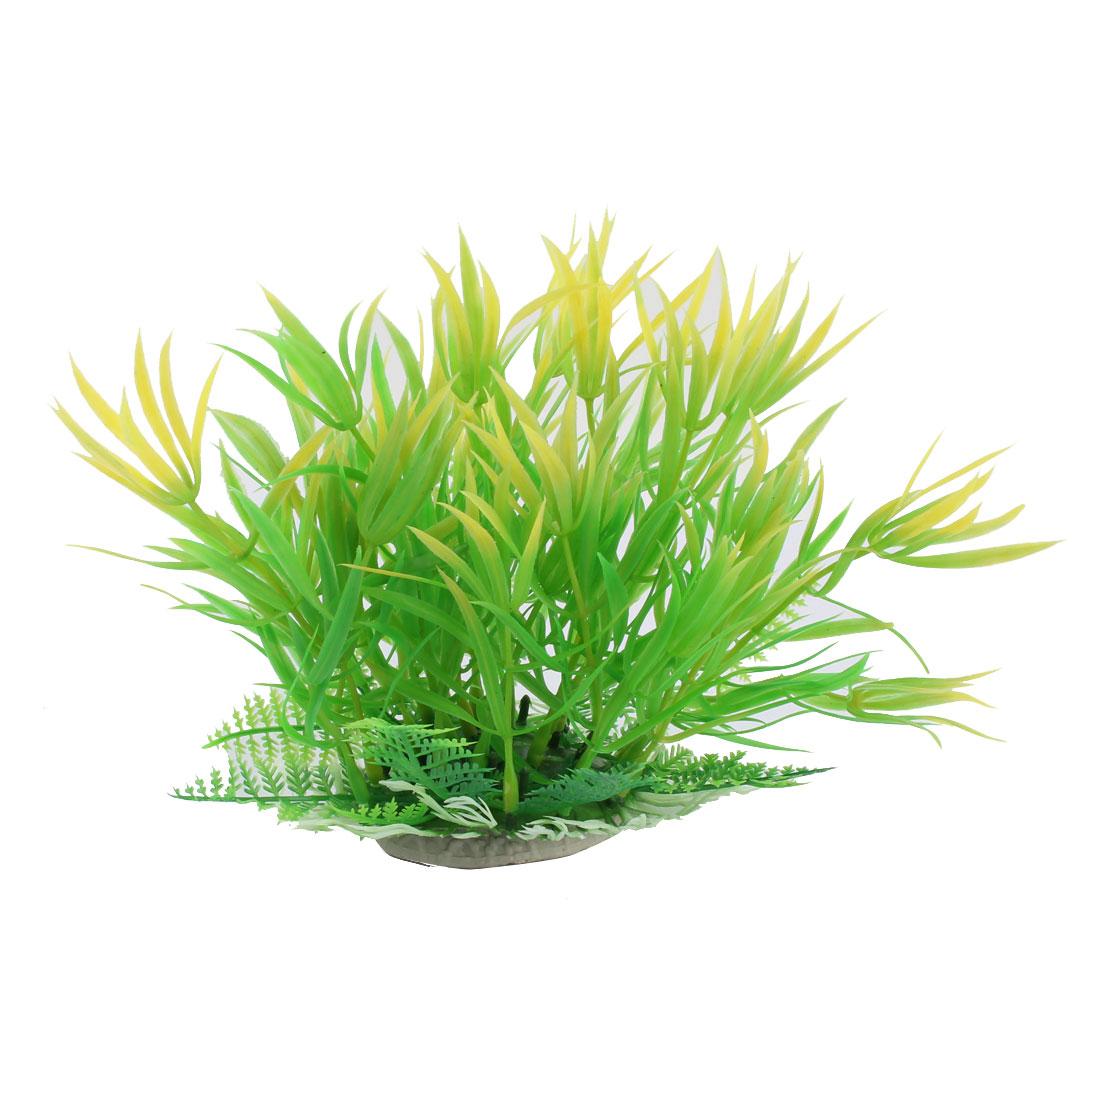 Aquarium Ceramic Base Plastic Silmulation Aquatic Plant Grass Waterweeds Decoration